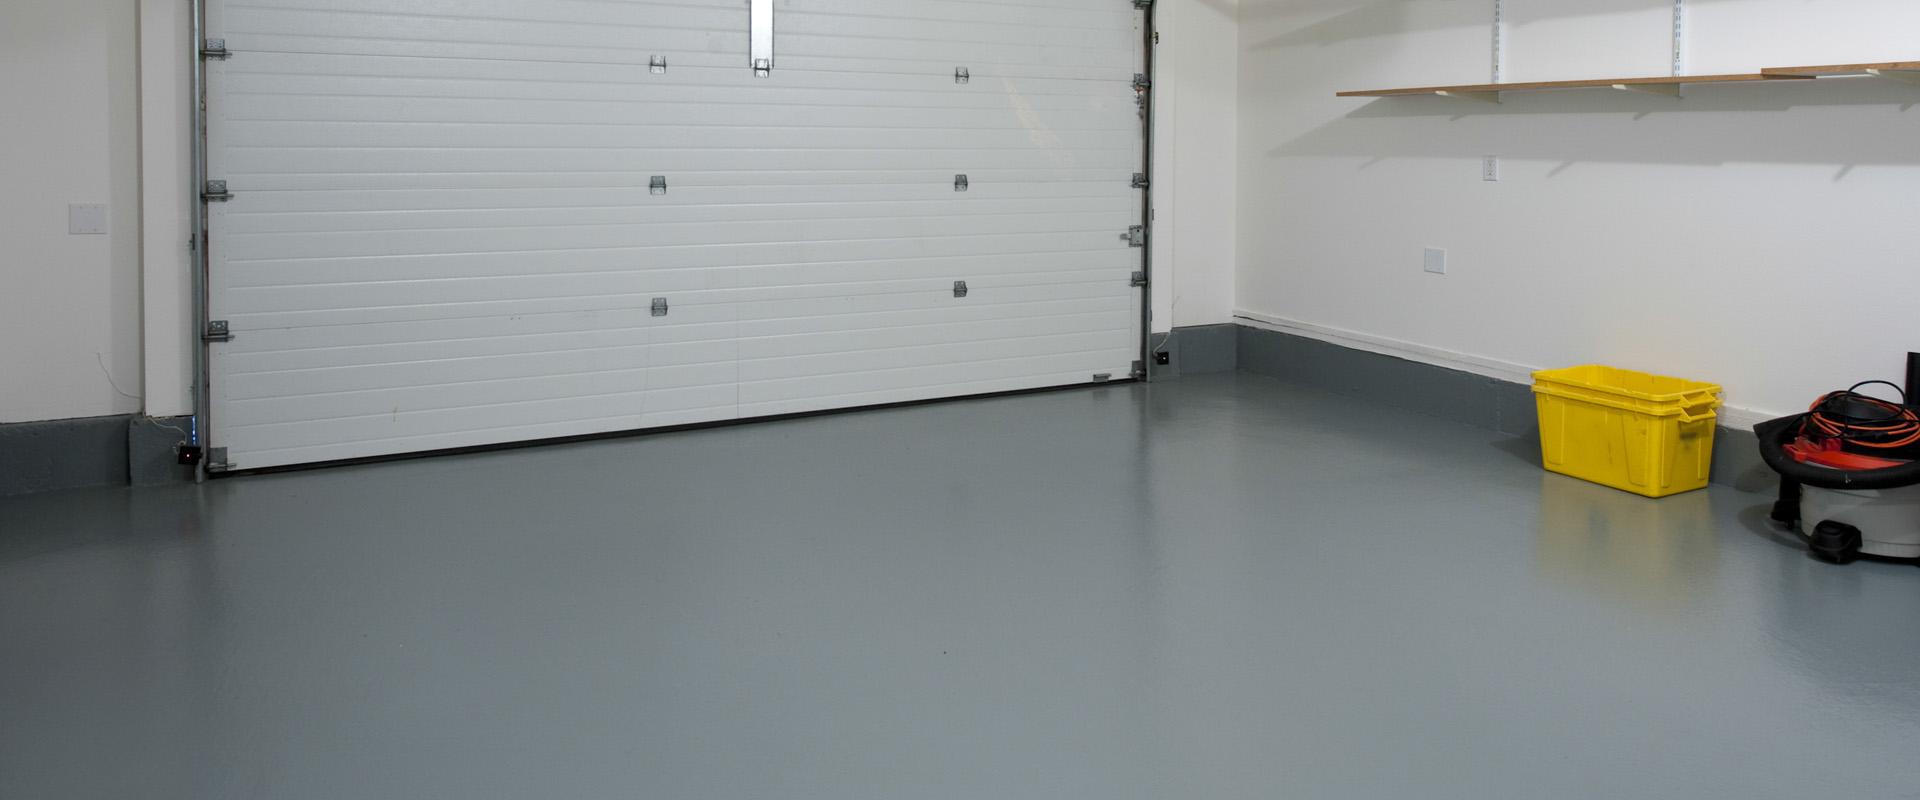 Prix et types de rev tement de plancher de garage enduits soumissions maisonsoumissions maison - Isolation plancher garage ...